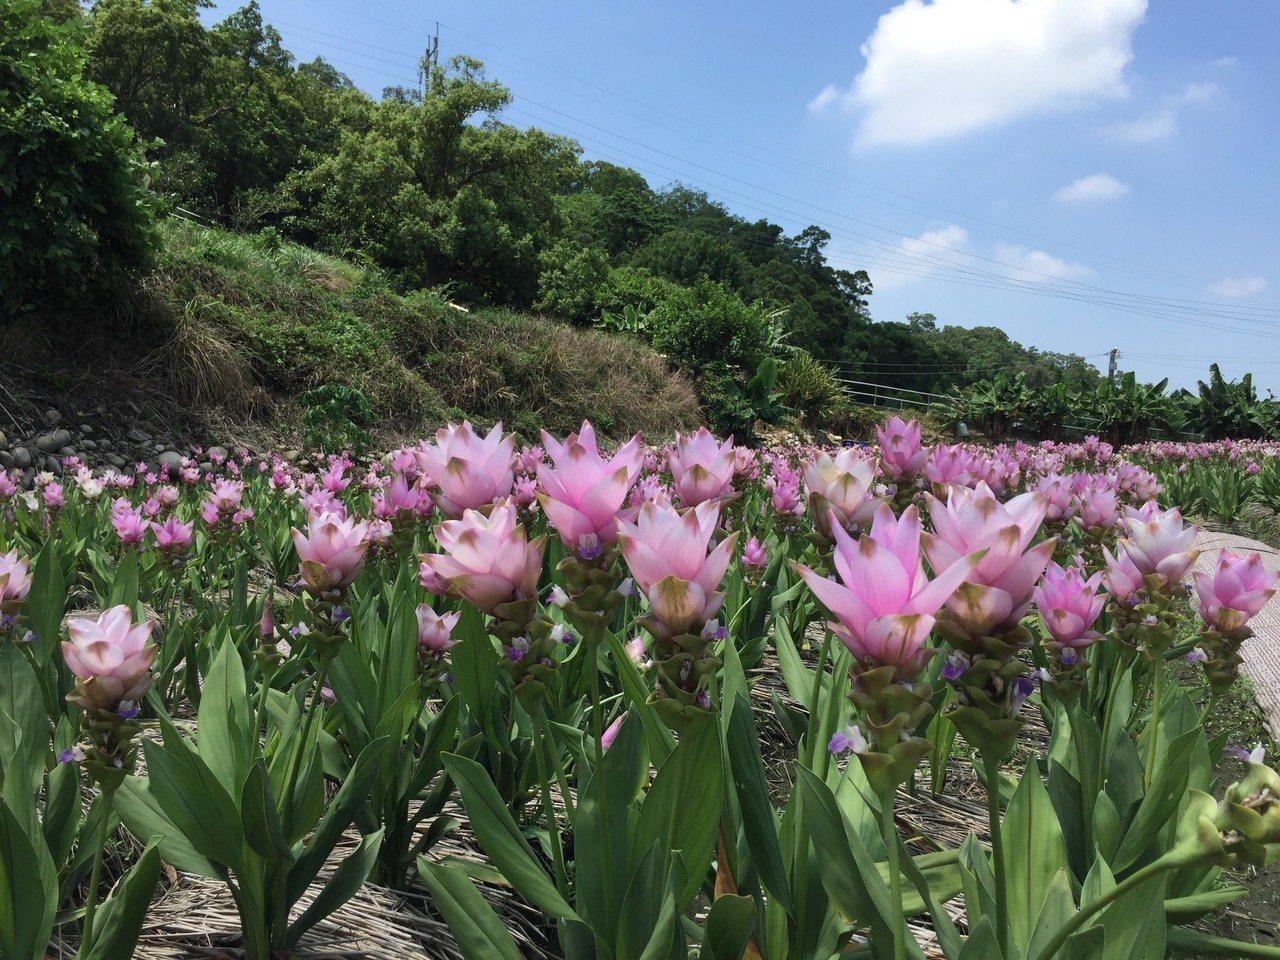 台中市外埔區水流東桐花步道旁,最近有一小片粉紅花海盛開,千朵薑荷花隨風搖曳,搭配...